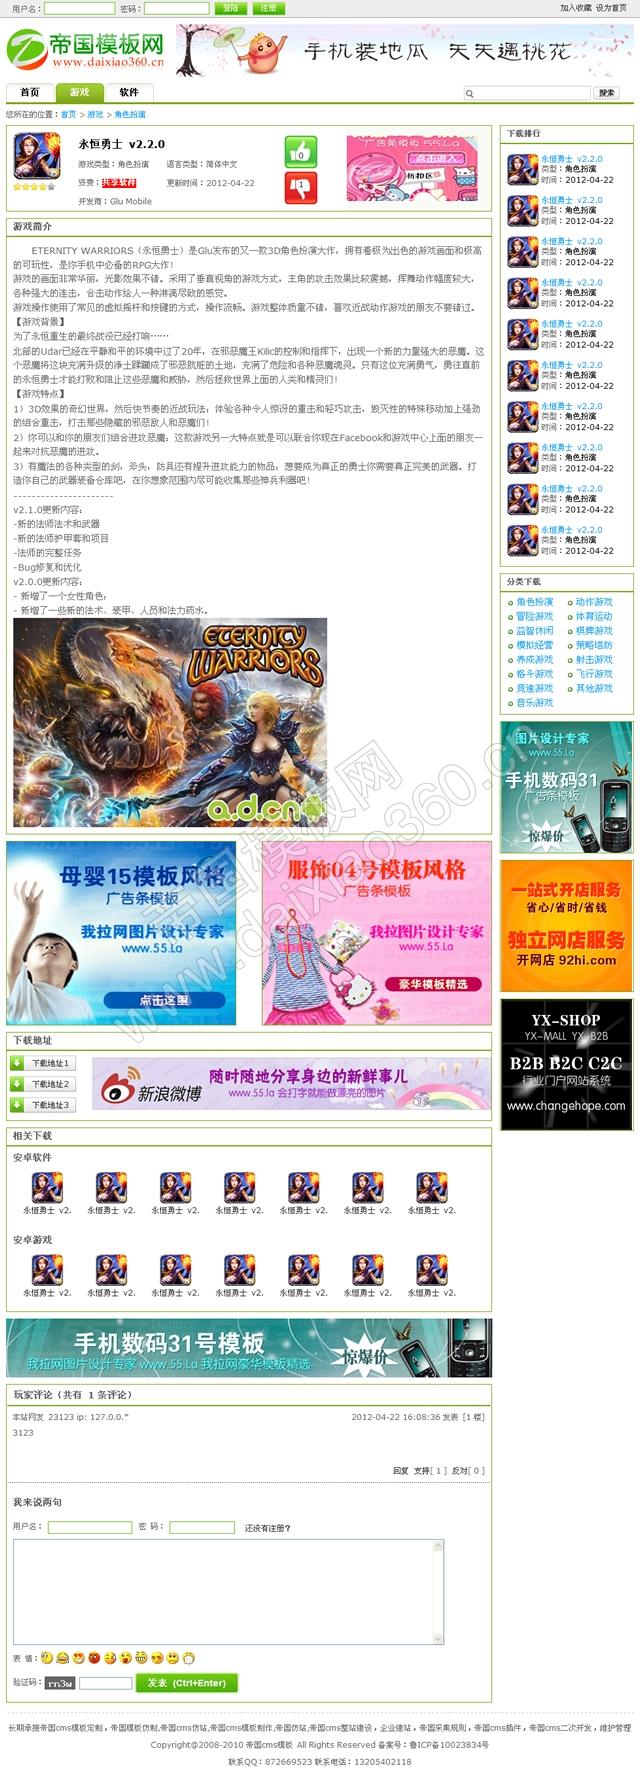 帝国cms手机游戏软件下载网站程序模板_下载内容